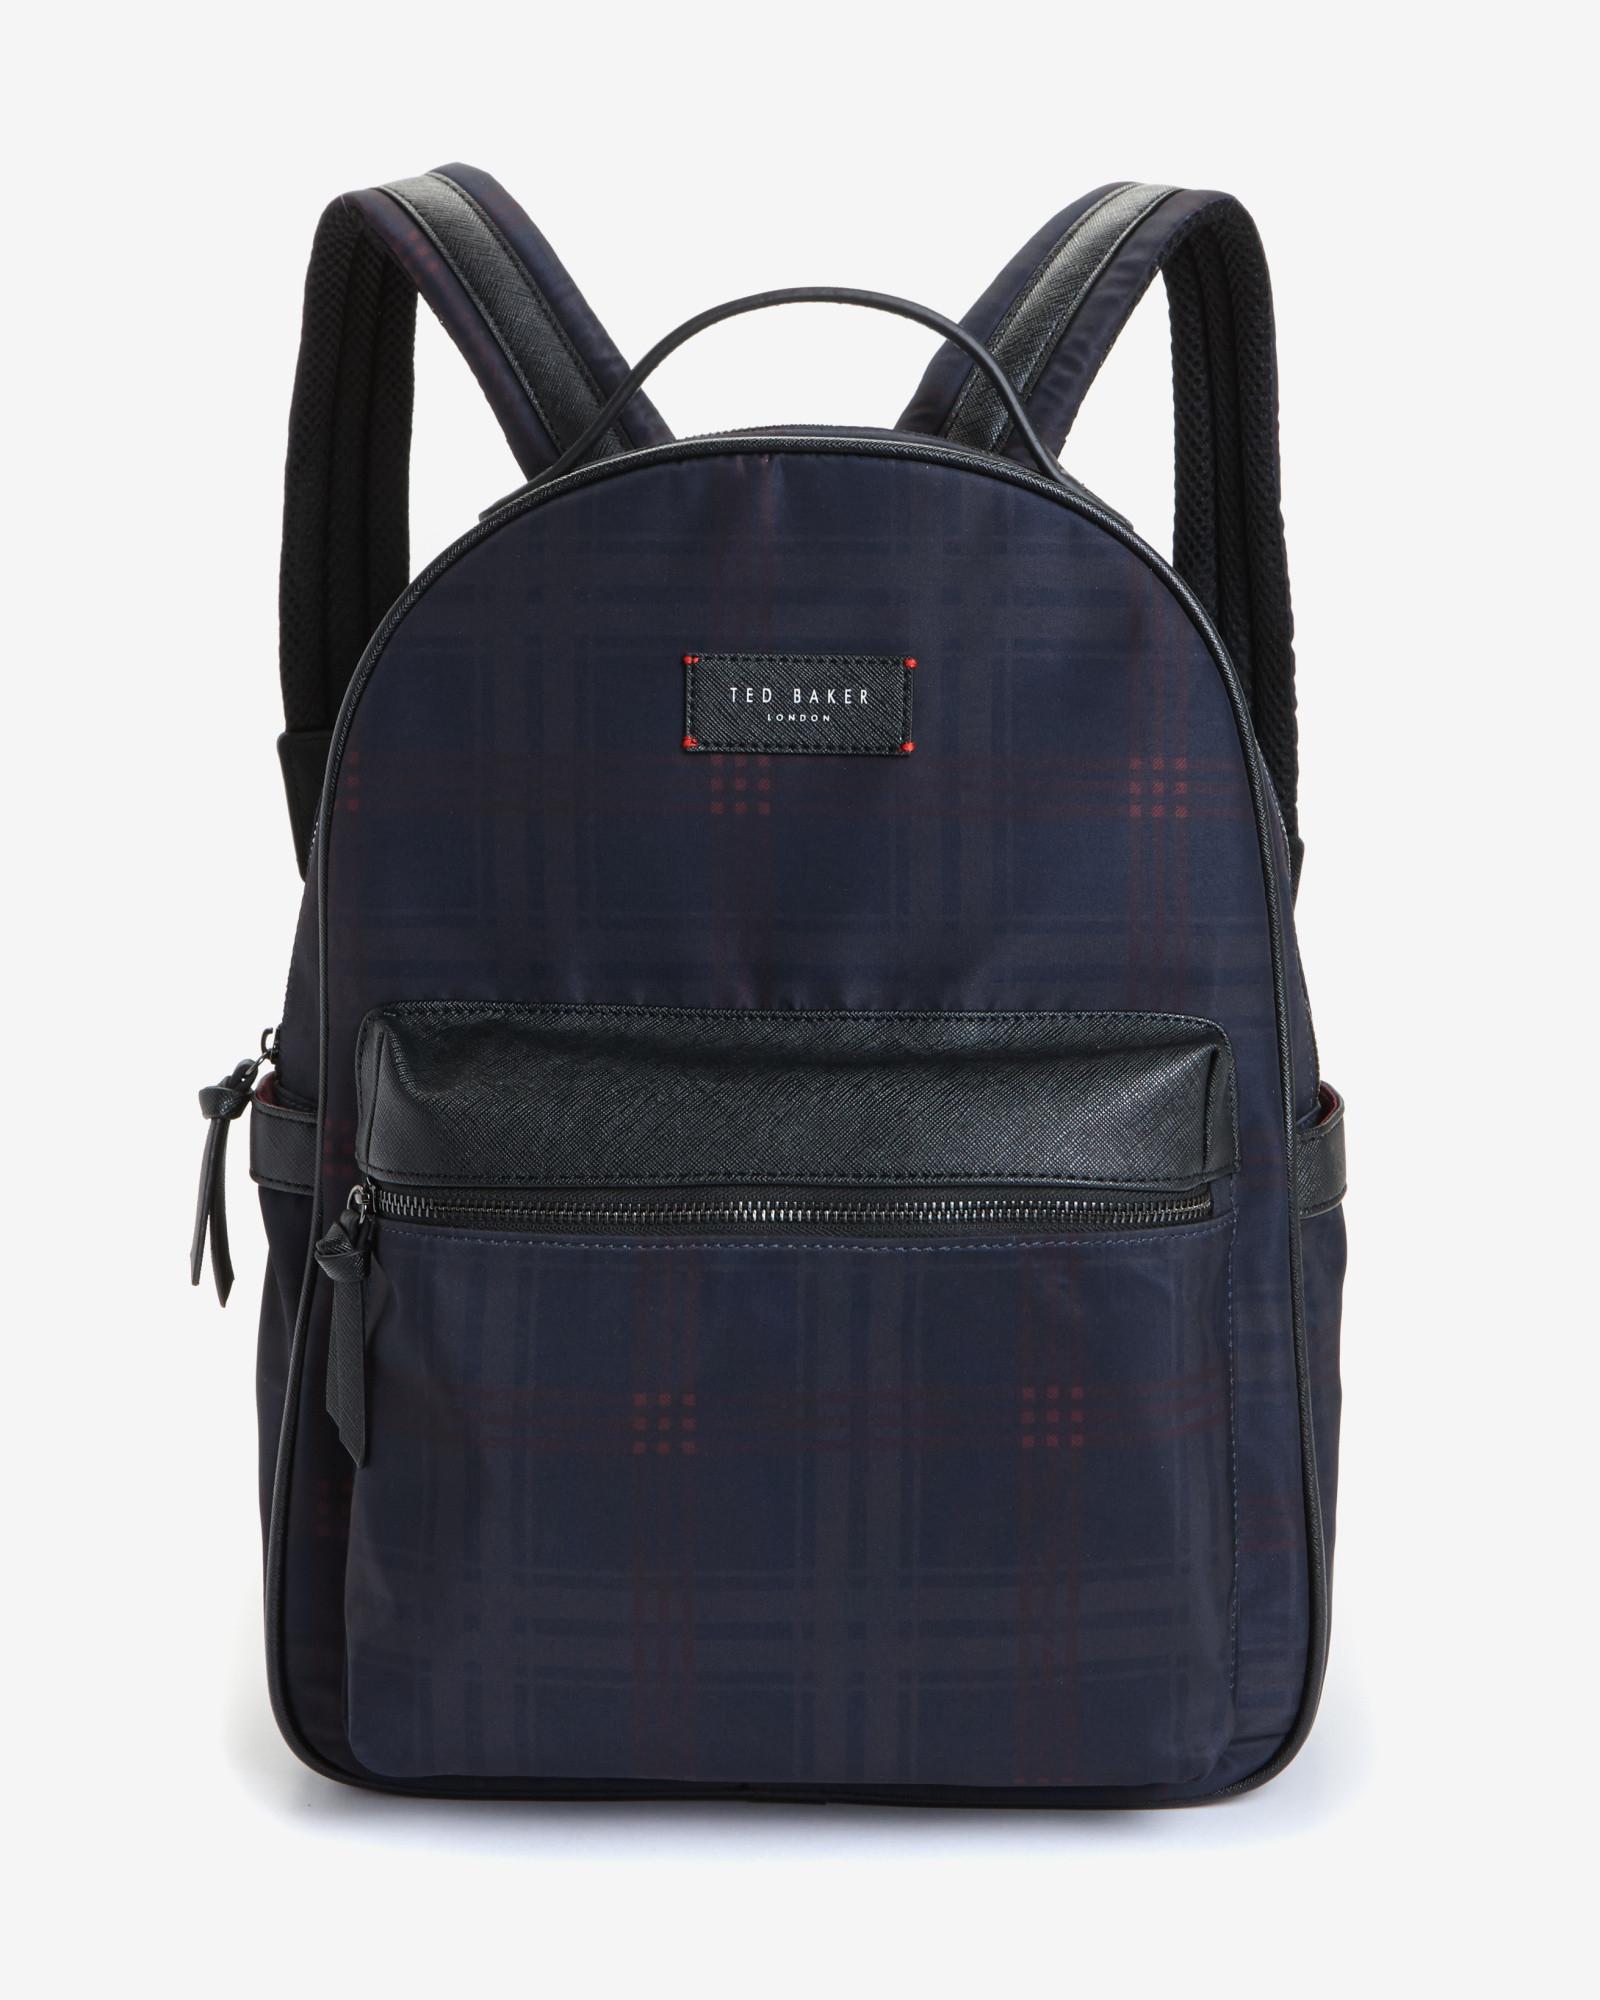 ted baker check print rucksack in blue for men lyst. Black Bedroom Furniture Sets. Home Design Ideas